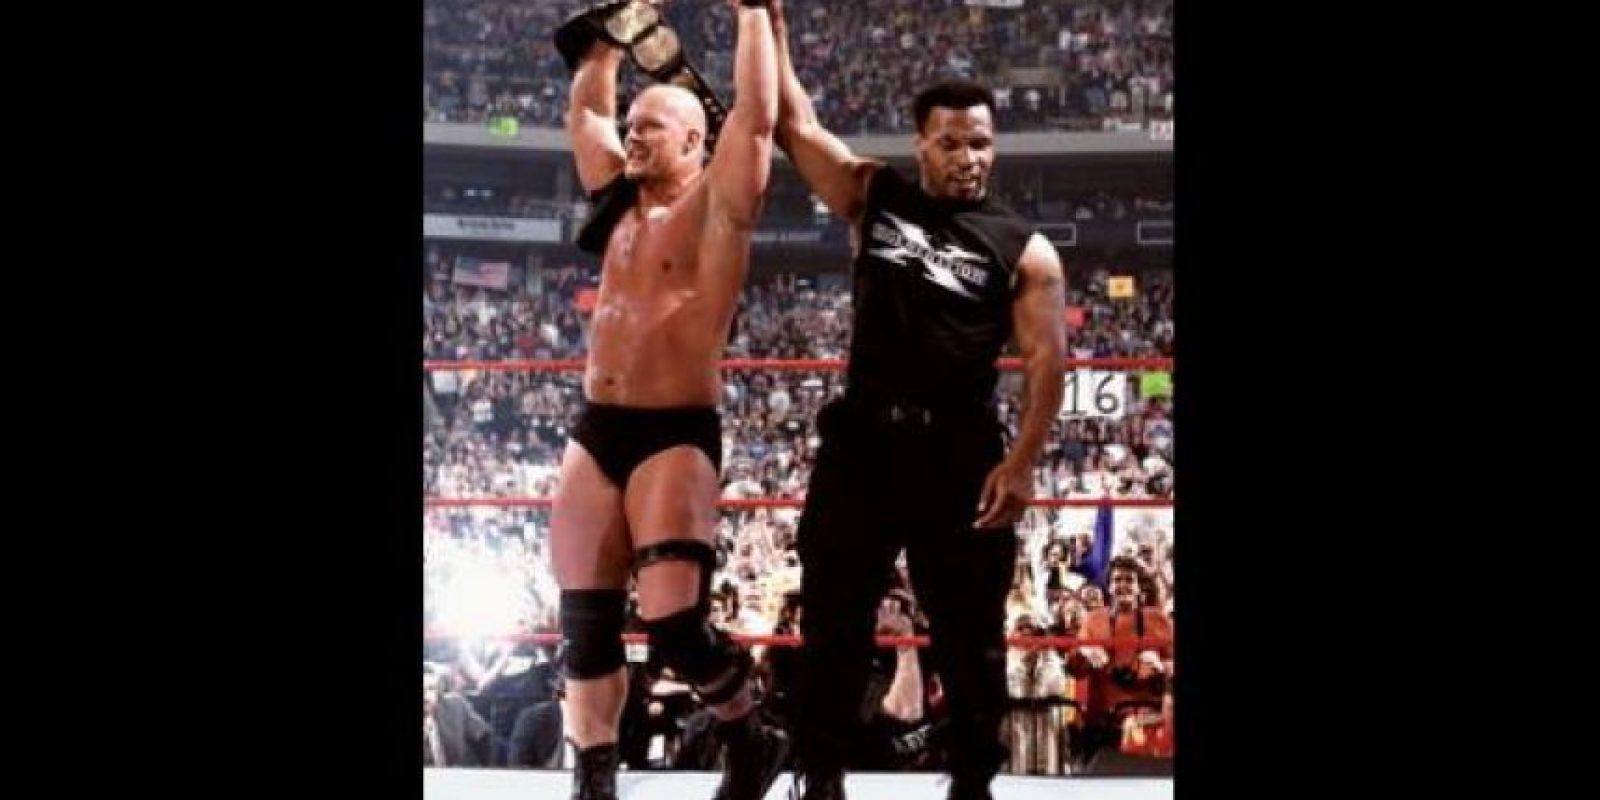 """Sus apariciones en la WWE comenzaron cuando lo suspendieron del box por haber mordido en la oreja de Evan Holyfield en 1997. En 1999, """"Iron Mike"""" fue árbitro en la pelea entre Shawn Michaels y """"Stone Cold"""" Steve Austin de WrestleMania XIV. Foto:WWE"""